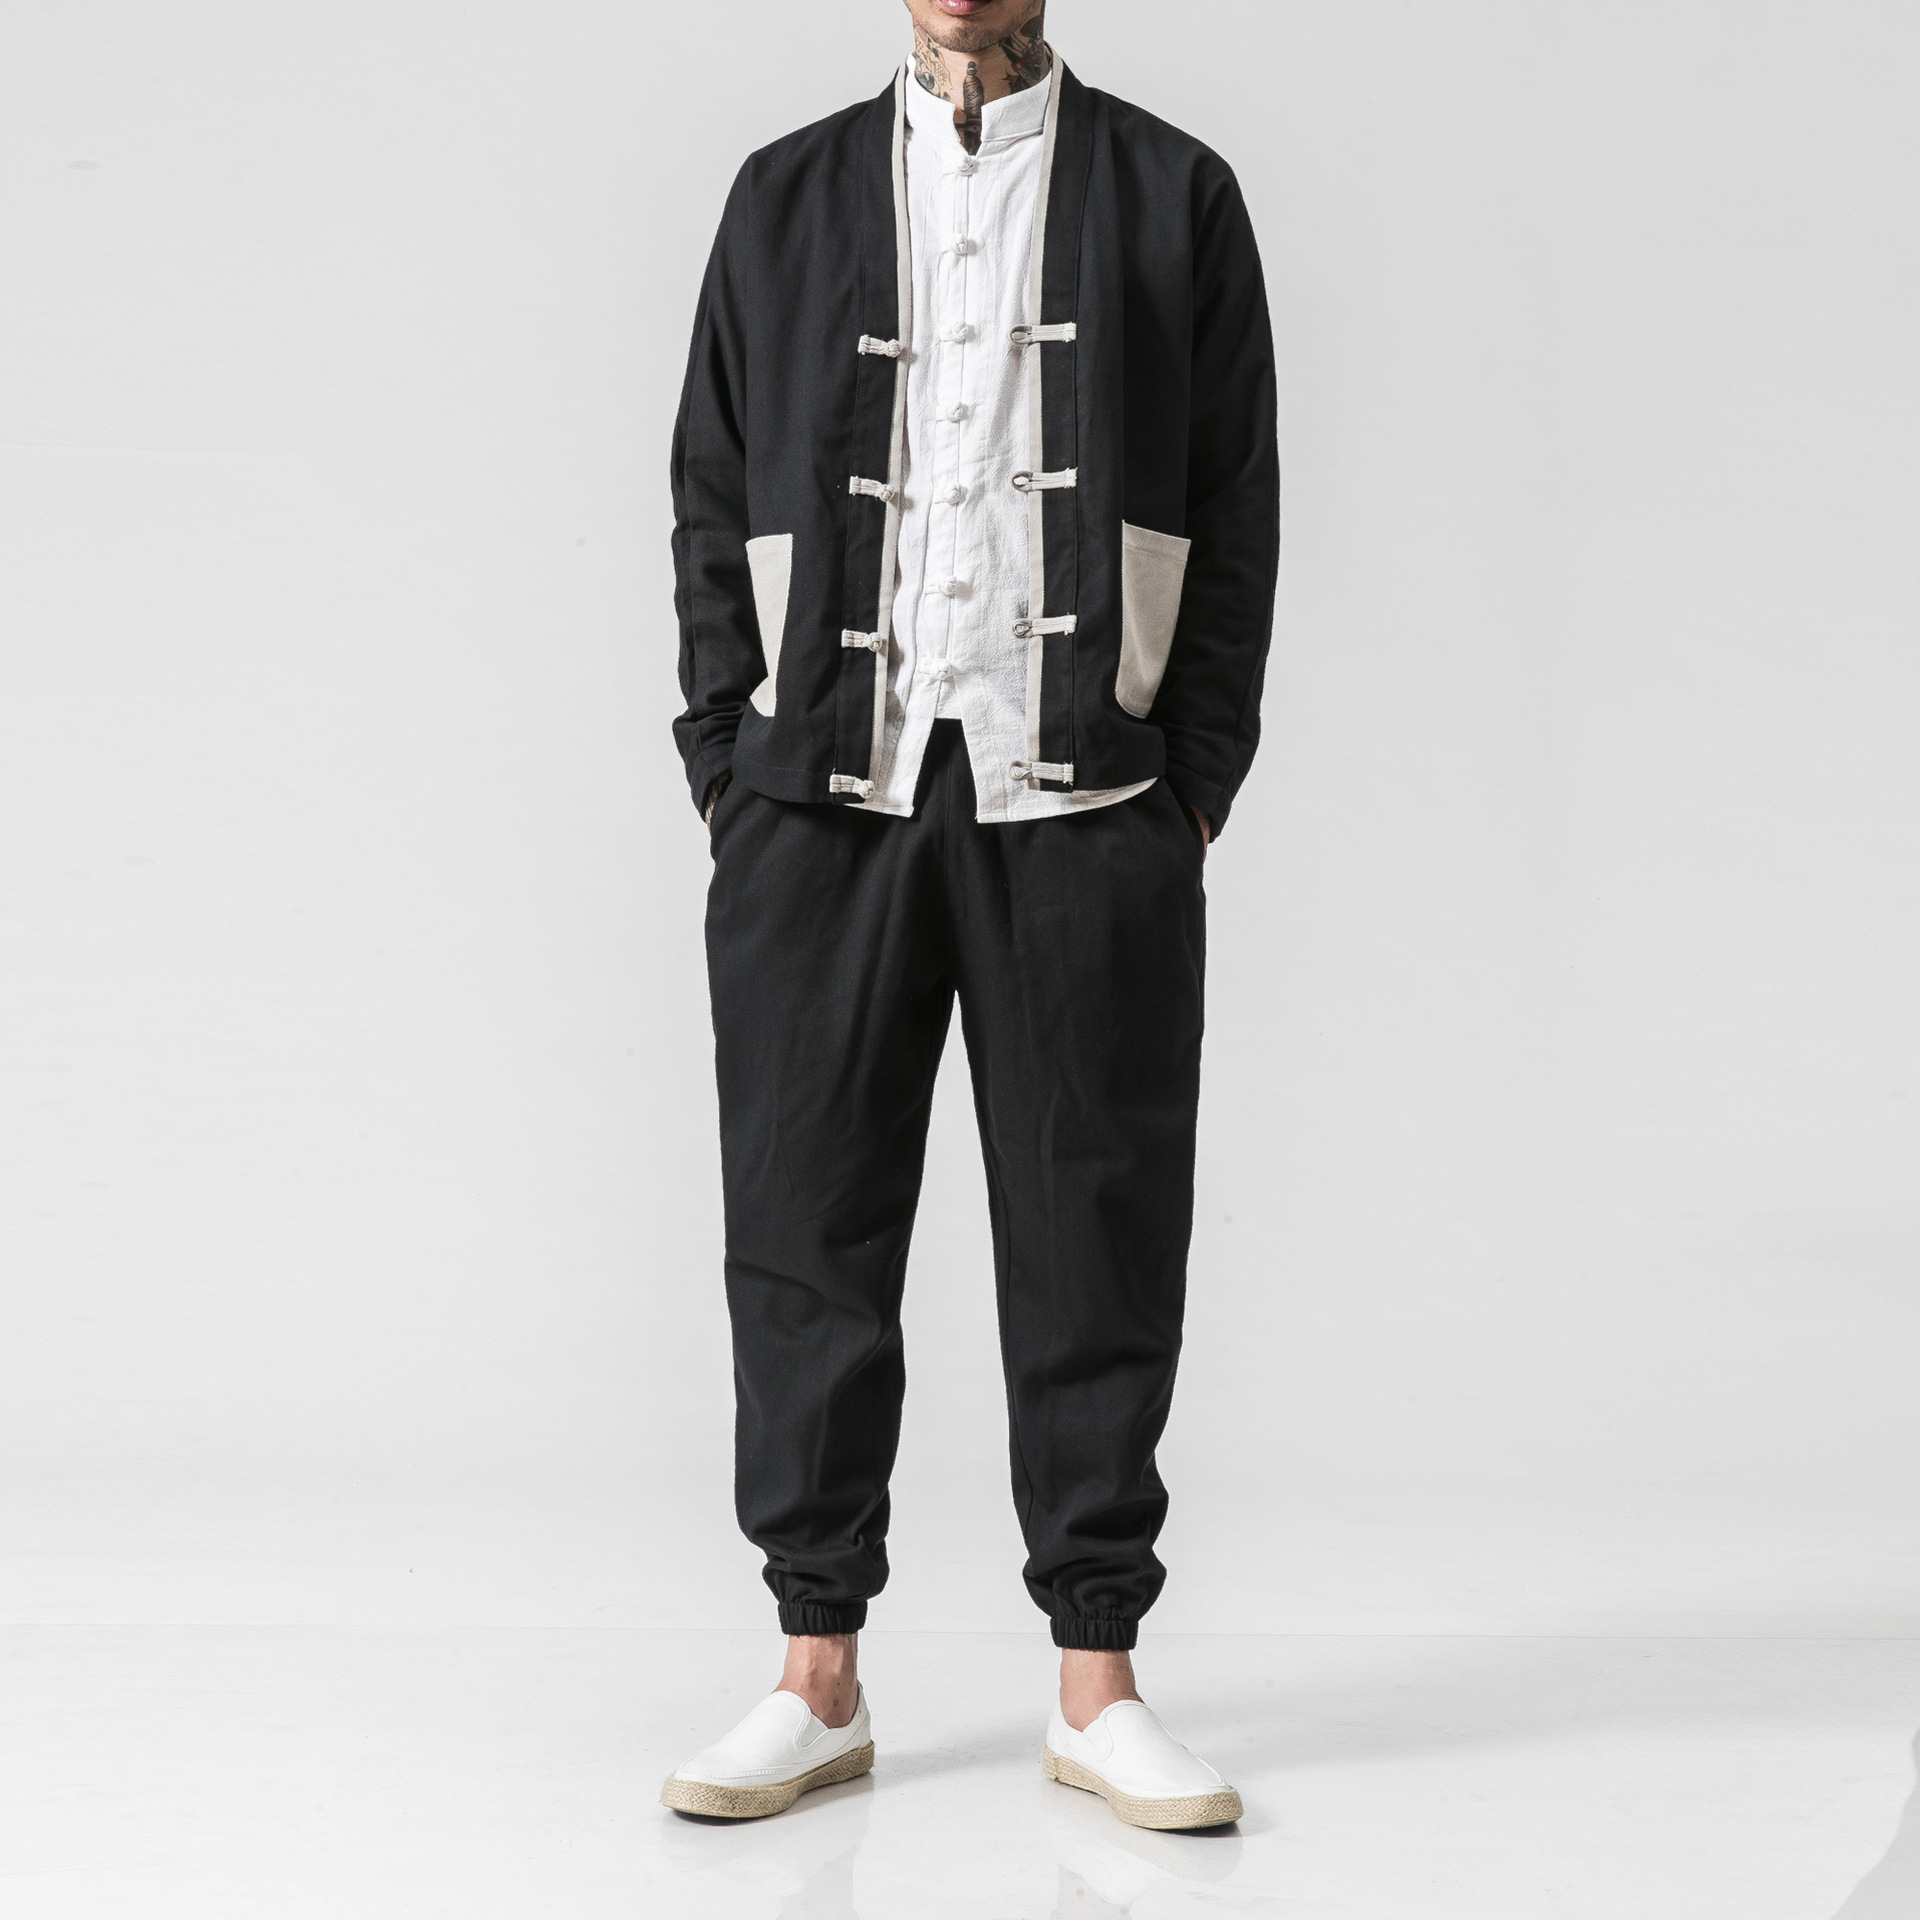 Marka męska Kung Fu garnitur jesień wiosna garnitur nowy chiński styl Wu Shu spódnica i spodnie bawełniane zestawy 2 sztuk ustawia dres M 5XL w Zestawy męskie od Odzież męska na AliExpress - 11.11_Double 11Singles' Day 1